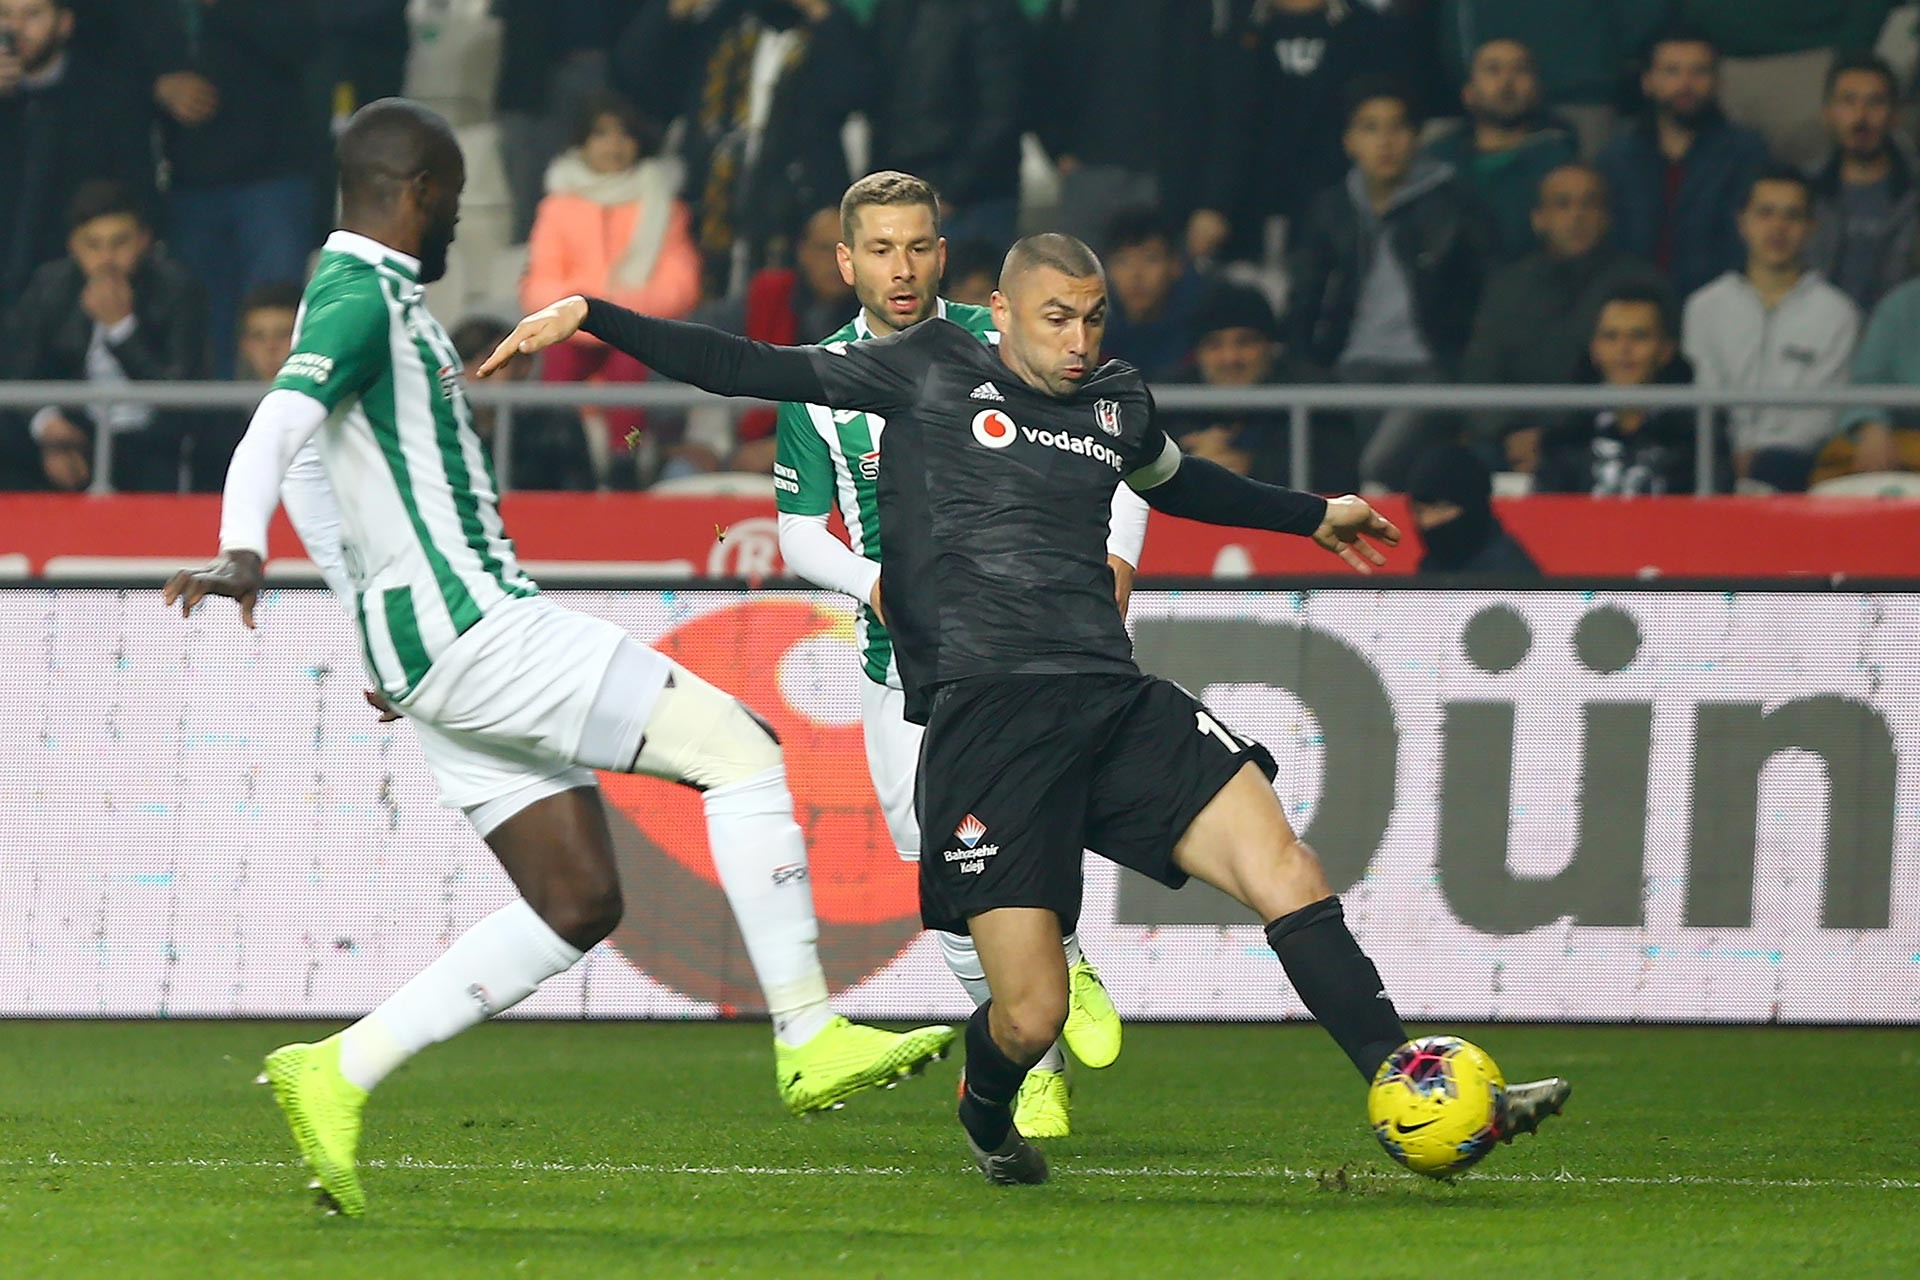 Konyasporlu Fallou Diagne ile Beşiktaş oyuncusu Burak Yılmaz maçta mücadele ederken